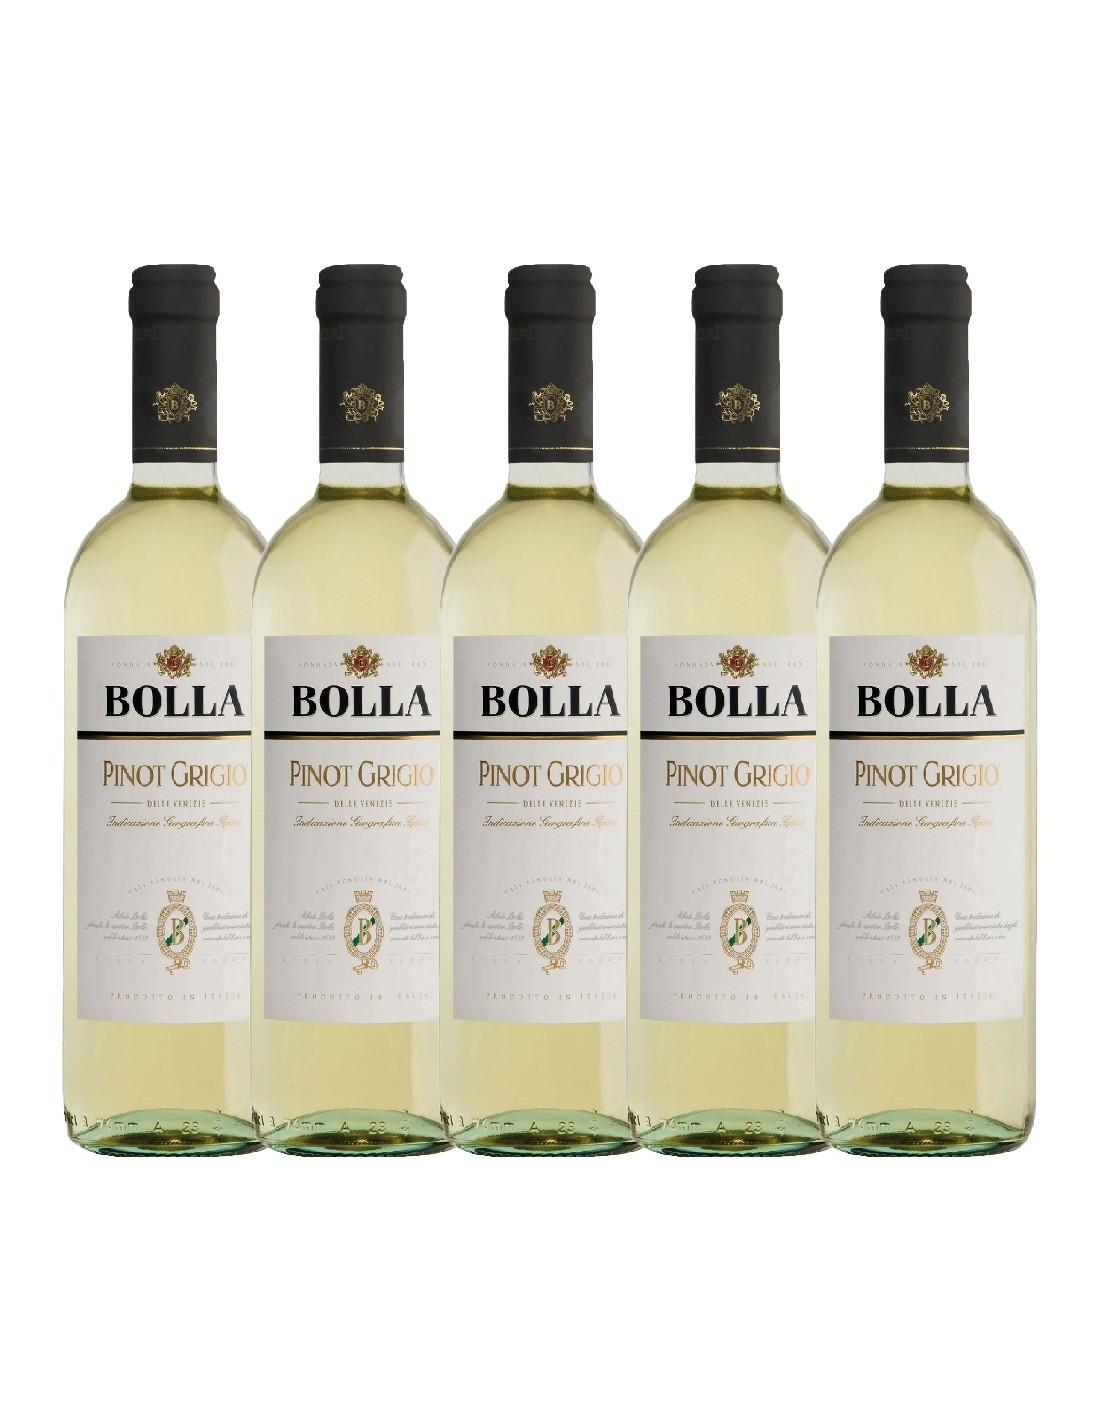 Pachet 5 sticle Vin alb, Pinot Grigio, Bolla delle Venezie, 0.75L, 12.5% alc., Italia